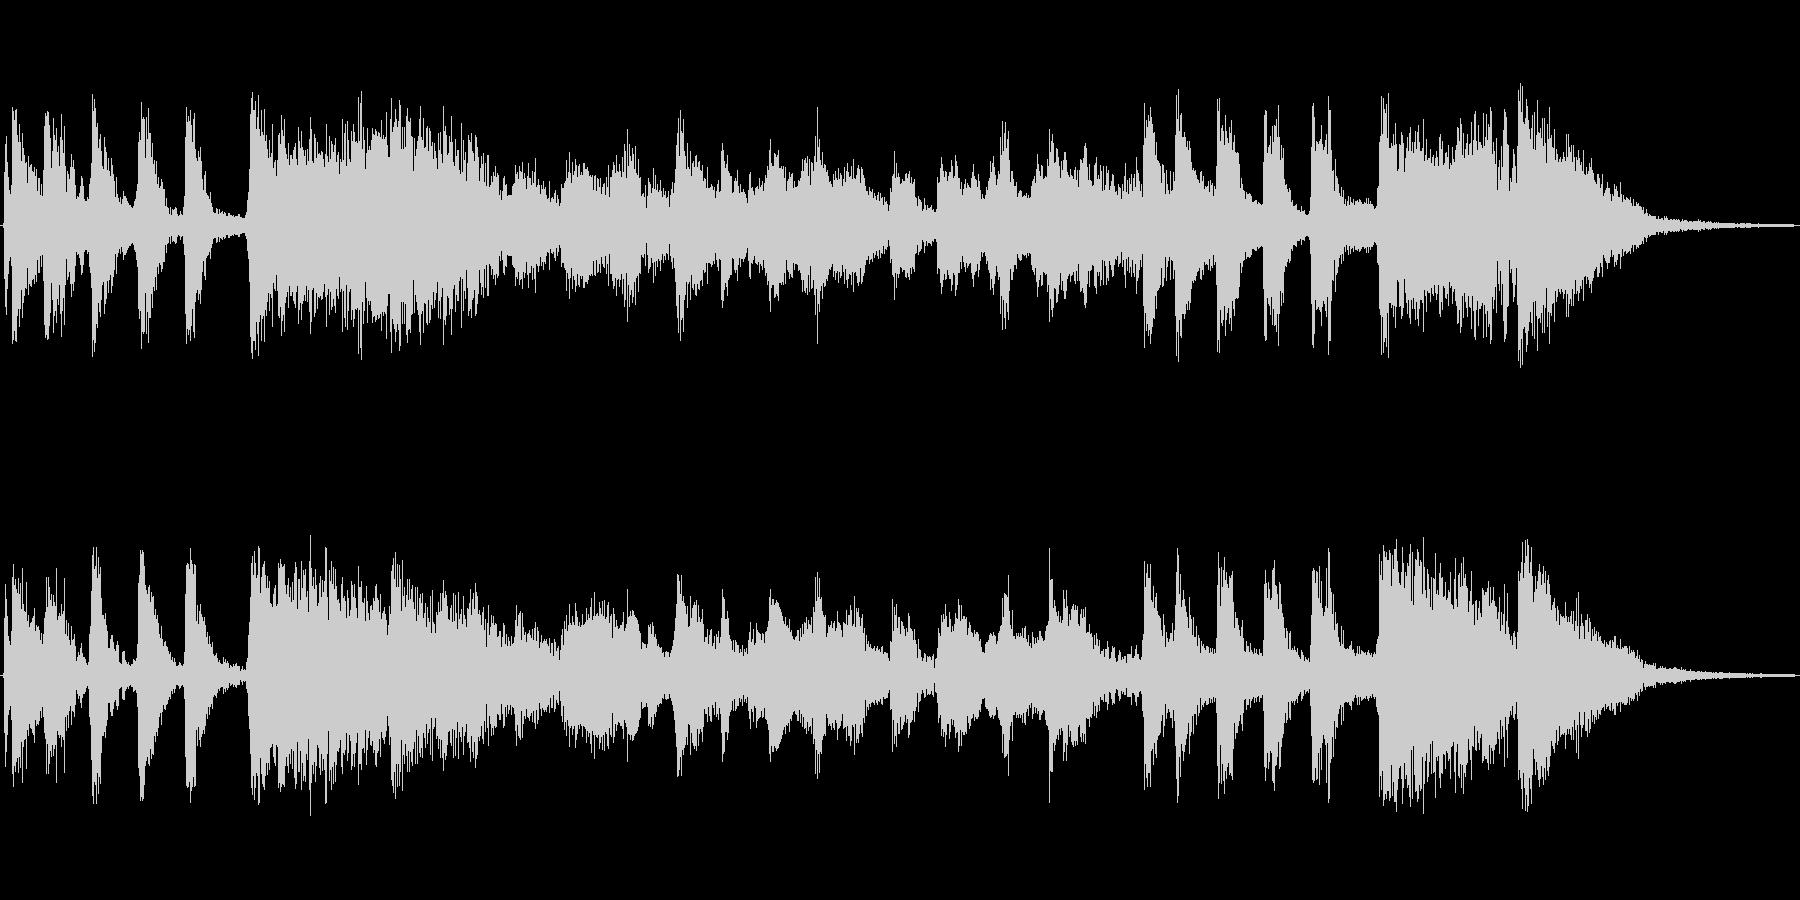 ビッグバンドジャズ風のジングルの未再生の波形